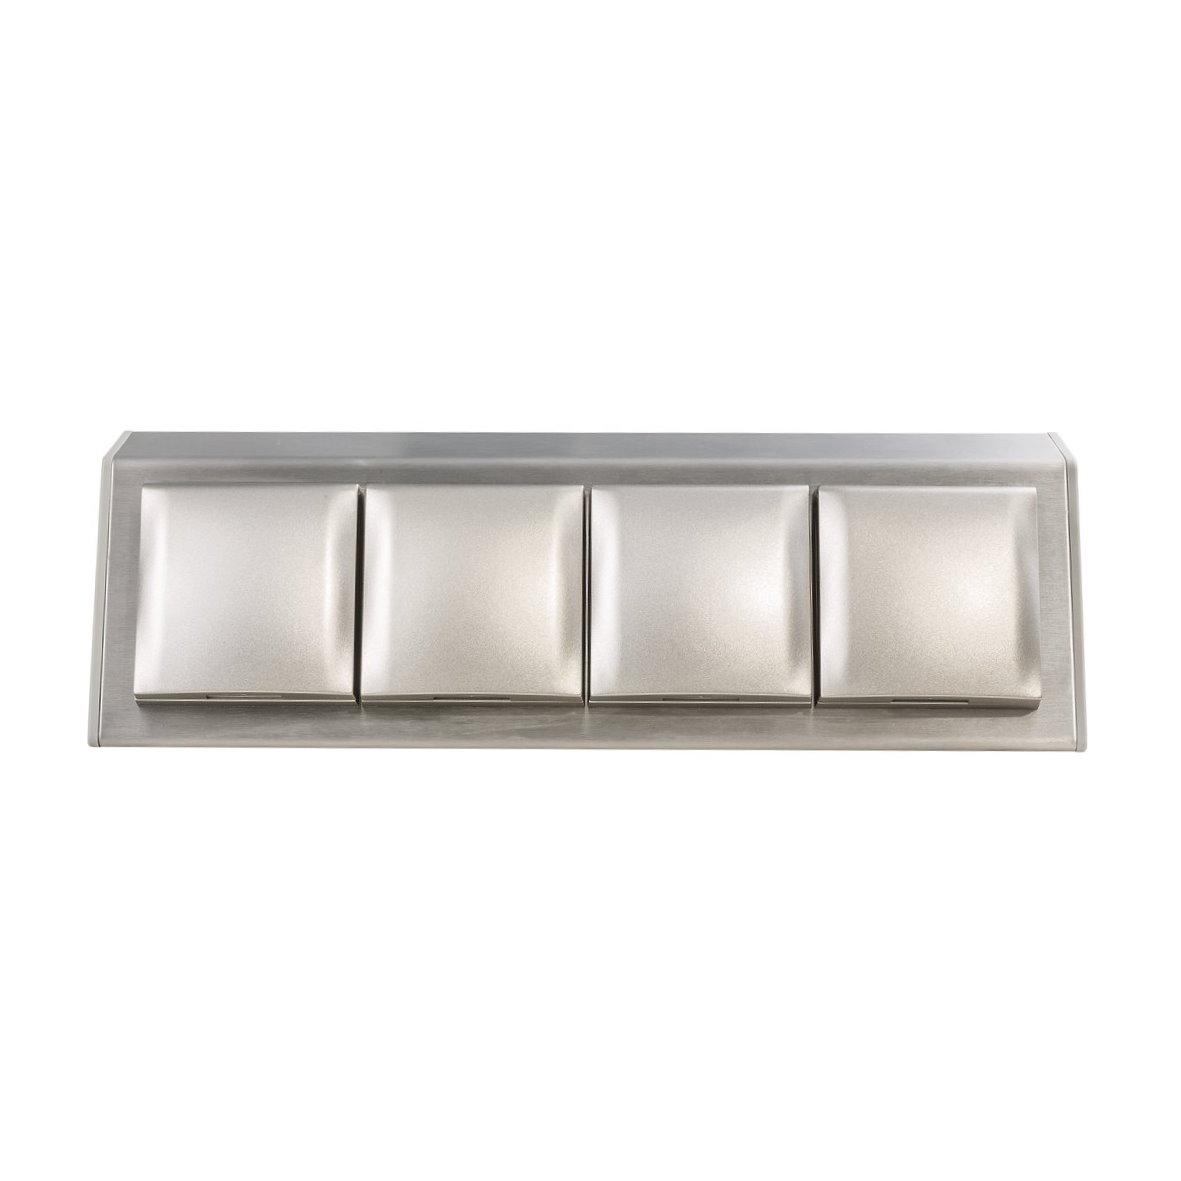 design aufbau steckdose edelstahl aufputz tisch küche bad klappe